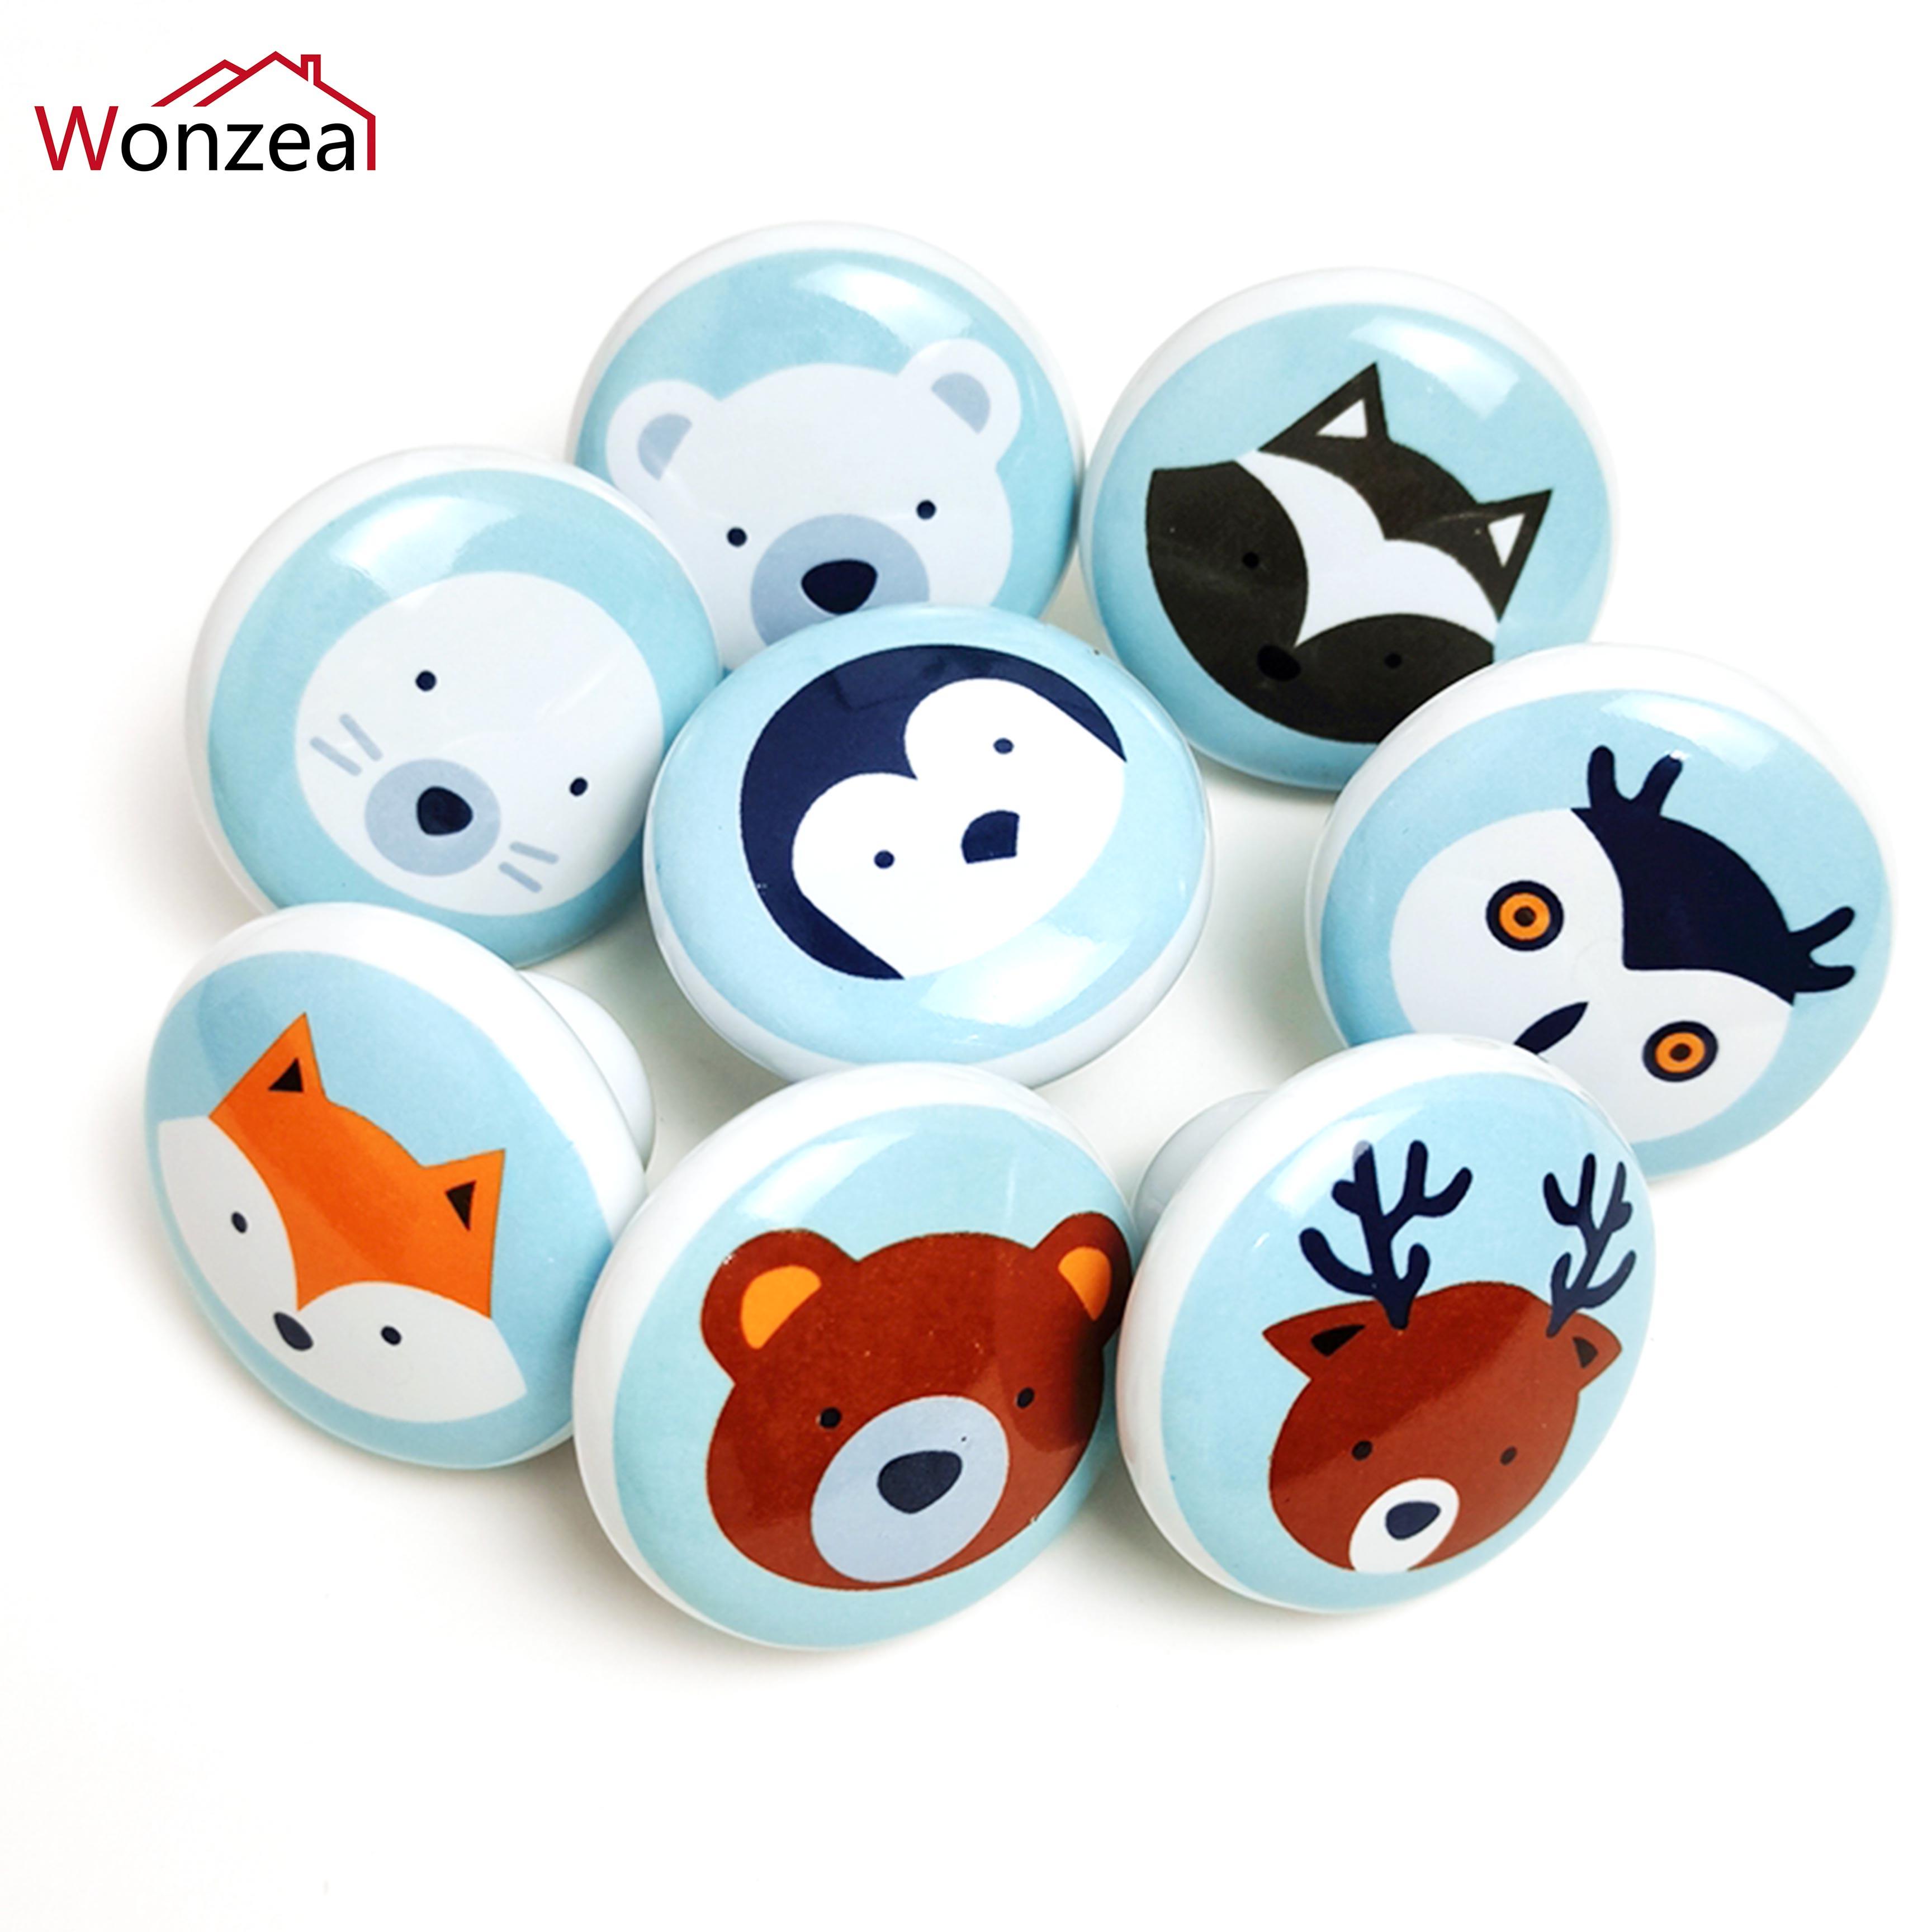 Bear Fox Penguin Animal Ceramic Handles Wardrobe Cupboard Drawer Knob Children Room Hardware Round Kitchen Door Pulls